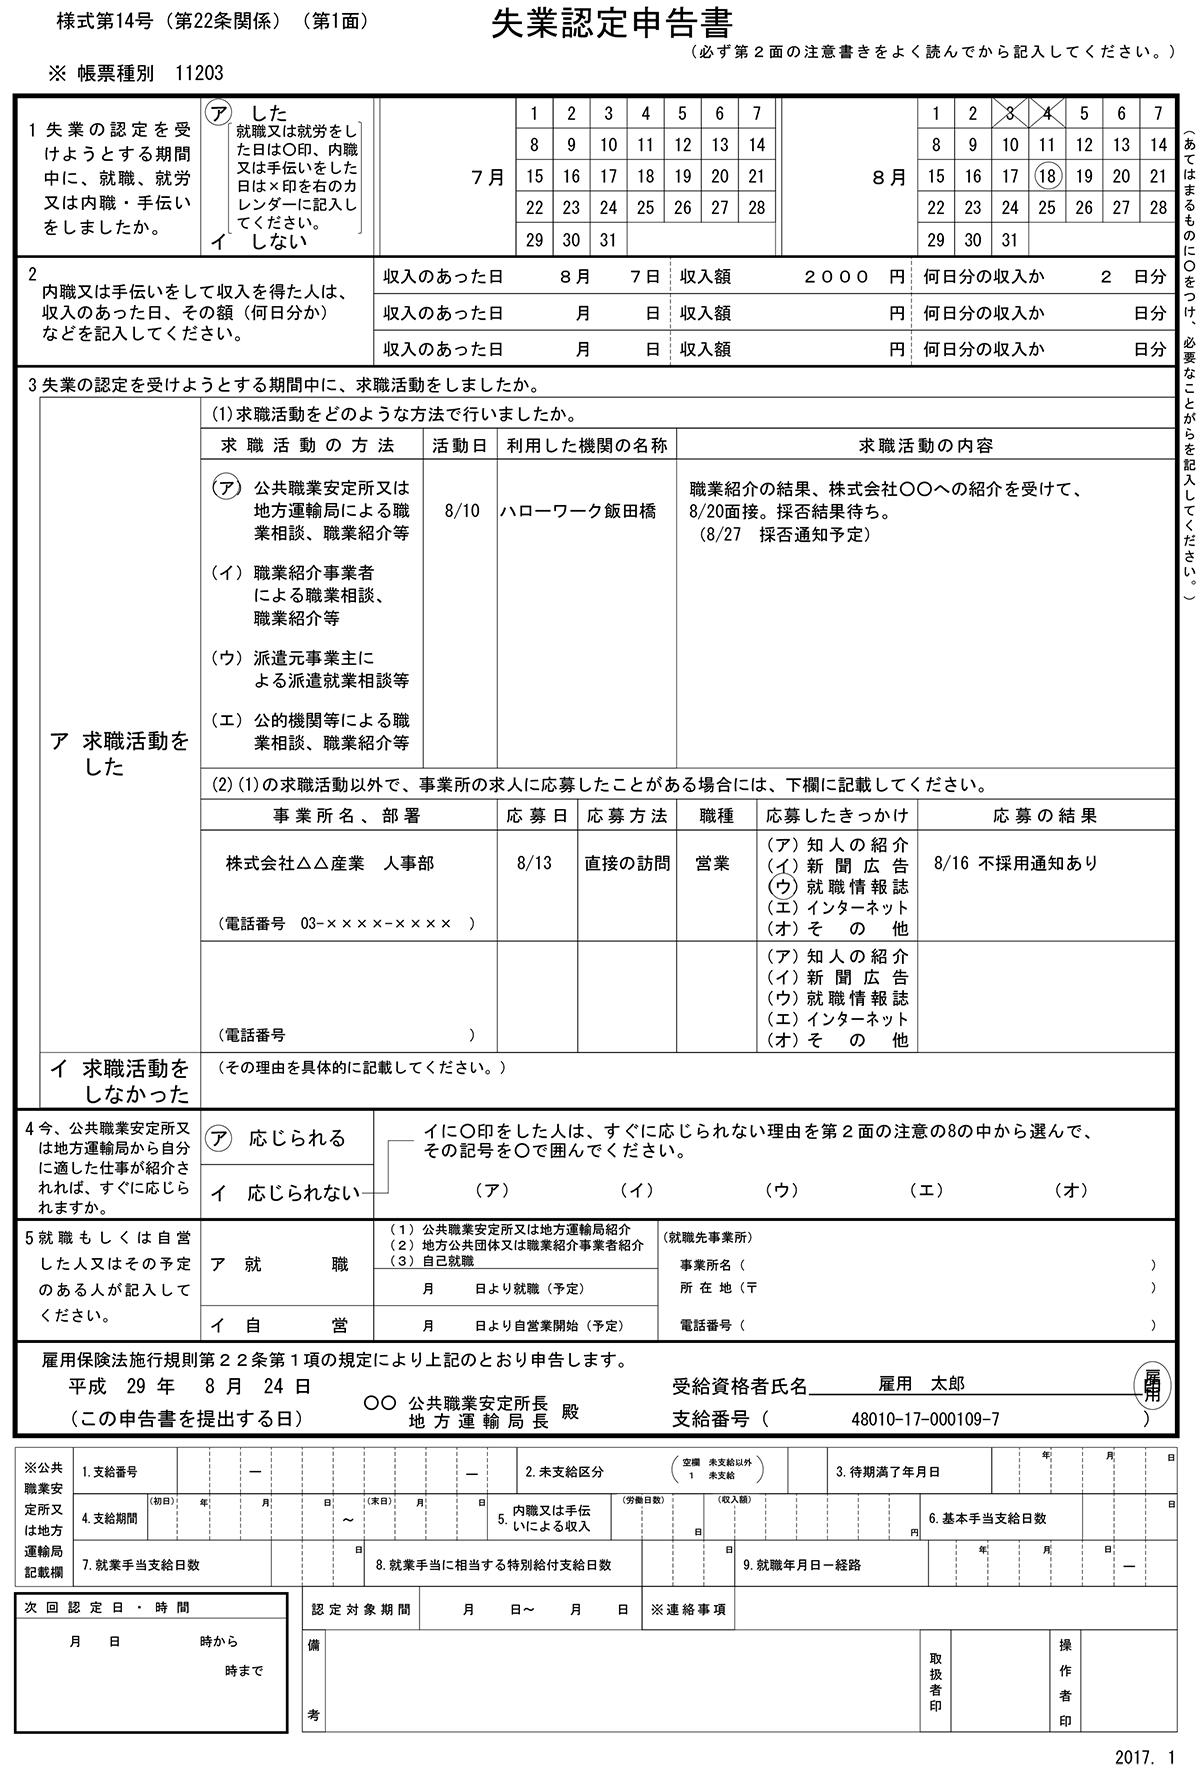 【初回・2回目】失業認定申告書の書き方(記入例・PDFダウンロードあり)